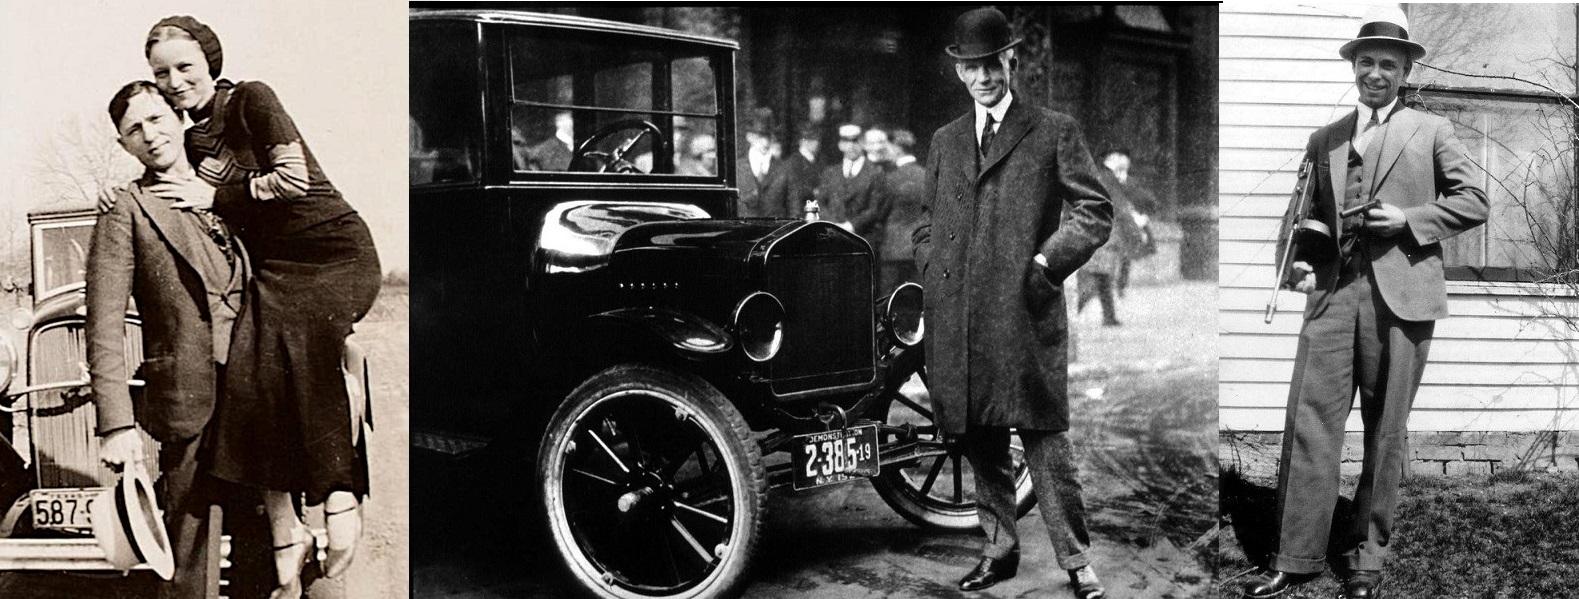 Dillinger-Ford-Bonnie-Cltde part 1